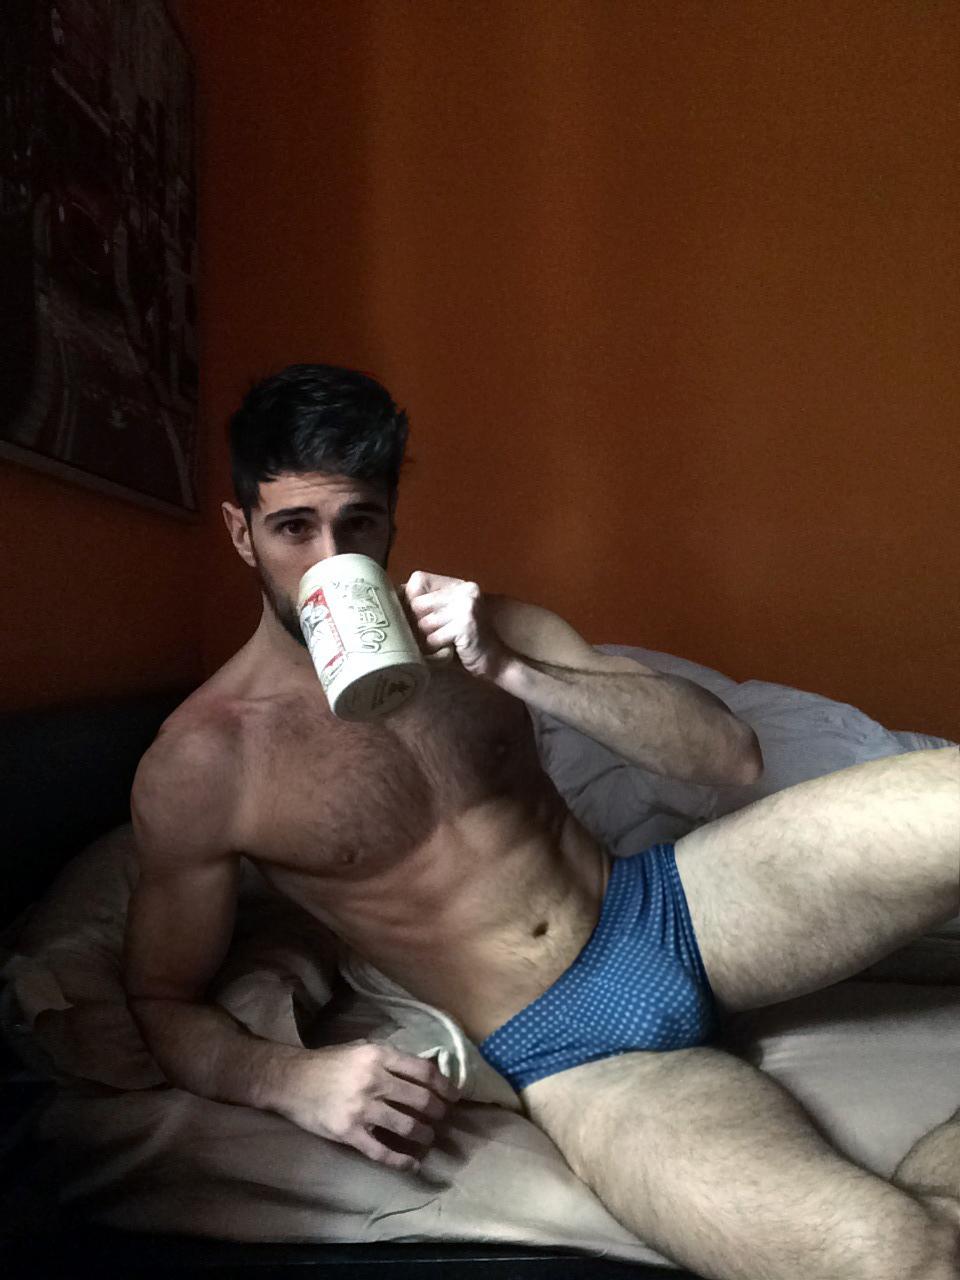 Cette photo d'homme presque nu est démente ! Le mec avec son gros bulge boit son café dans un lit